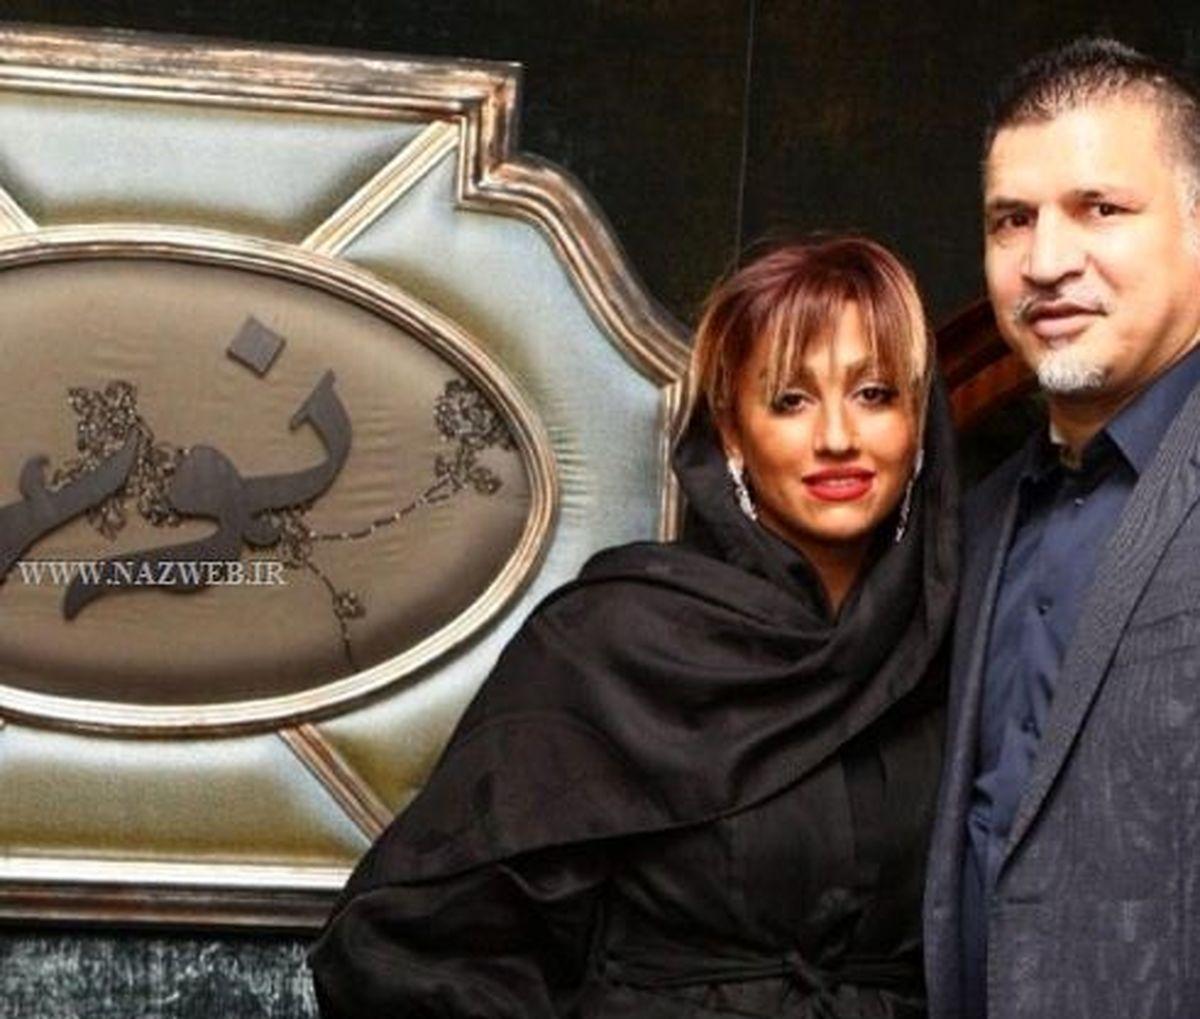 مهریه همسر علی دایی چقدر است؟+عکس همسر علی دایی در دورهمی